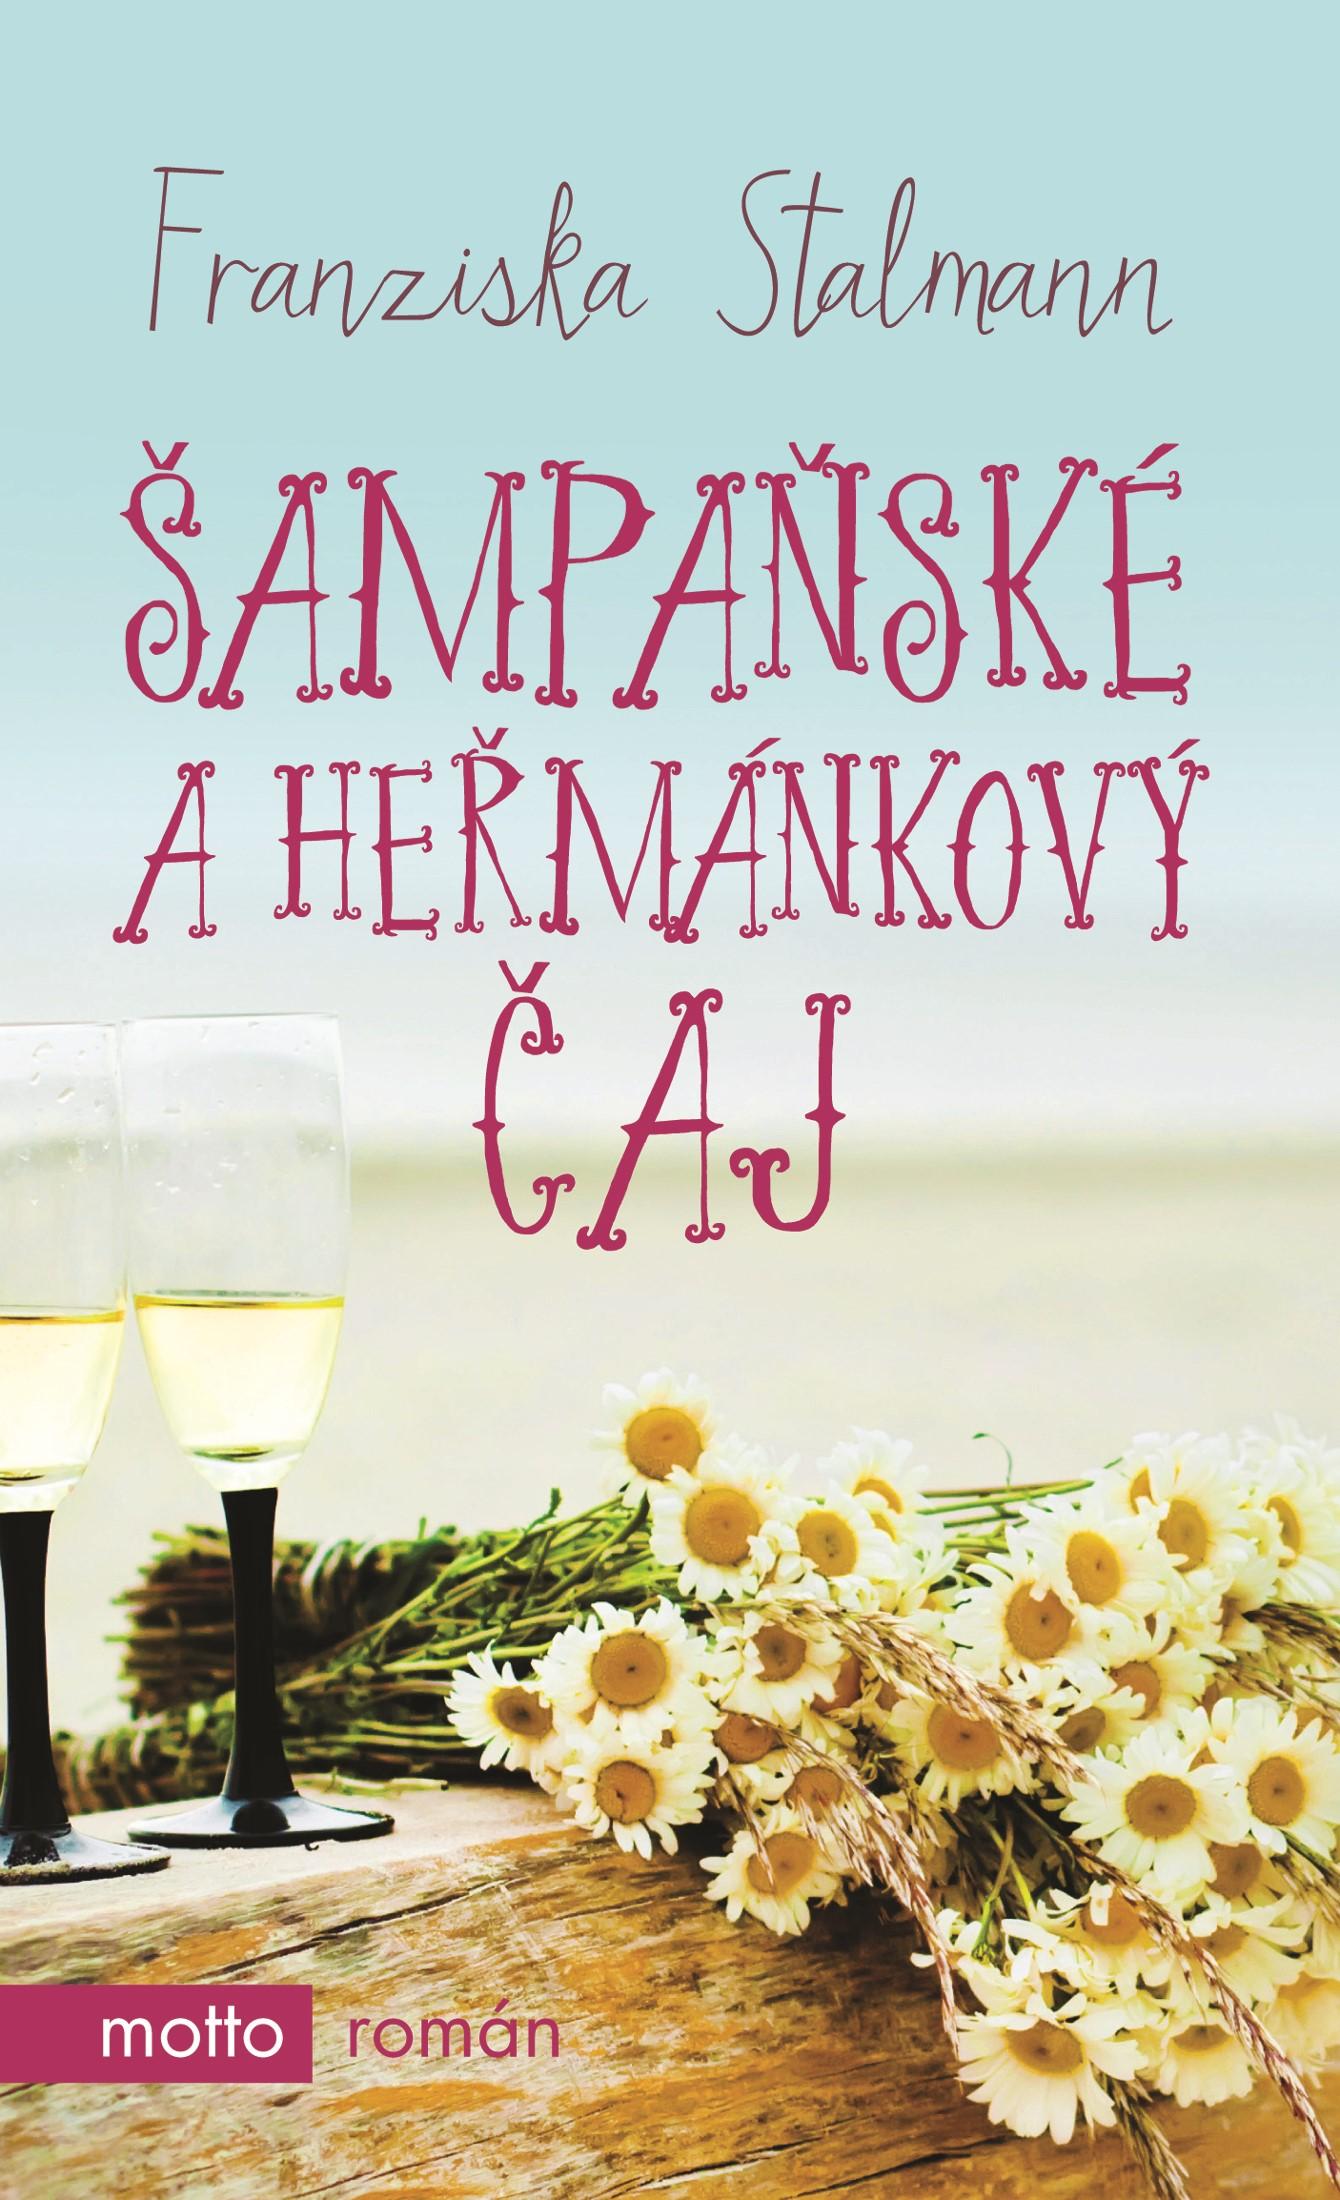 Šampaňské a heřmánkový čaj | Franziska Stalmann